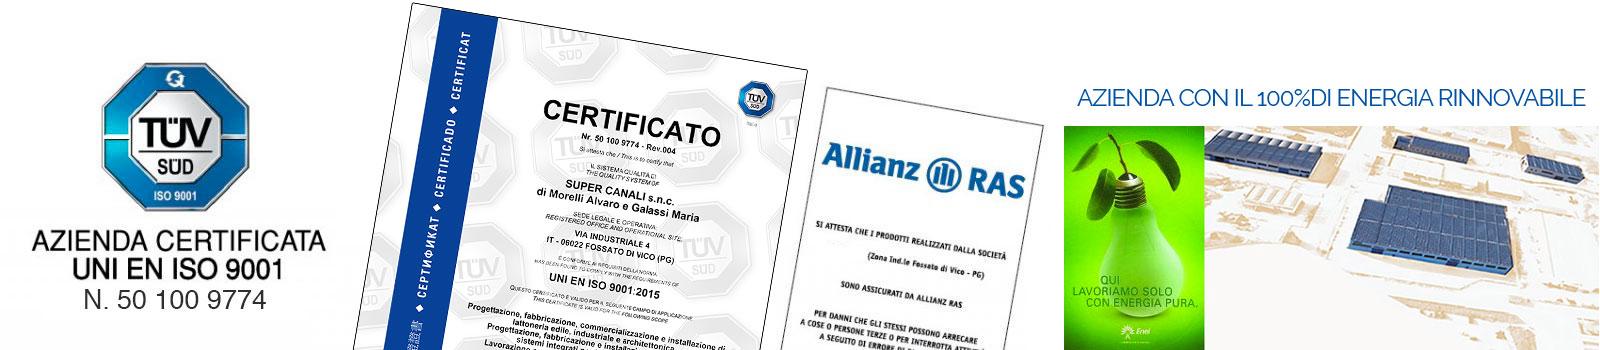 certificato banner3